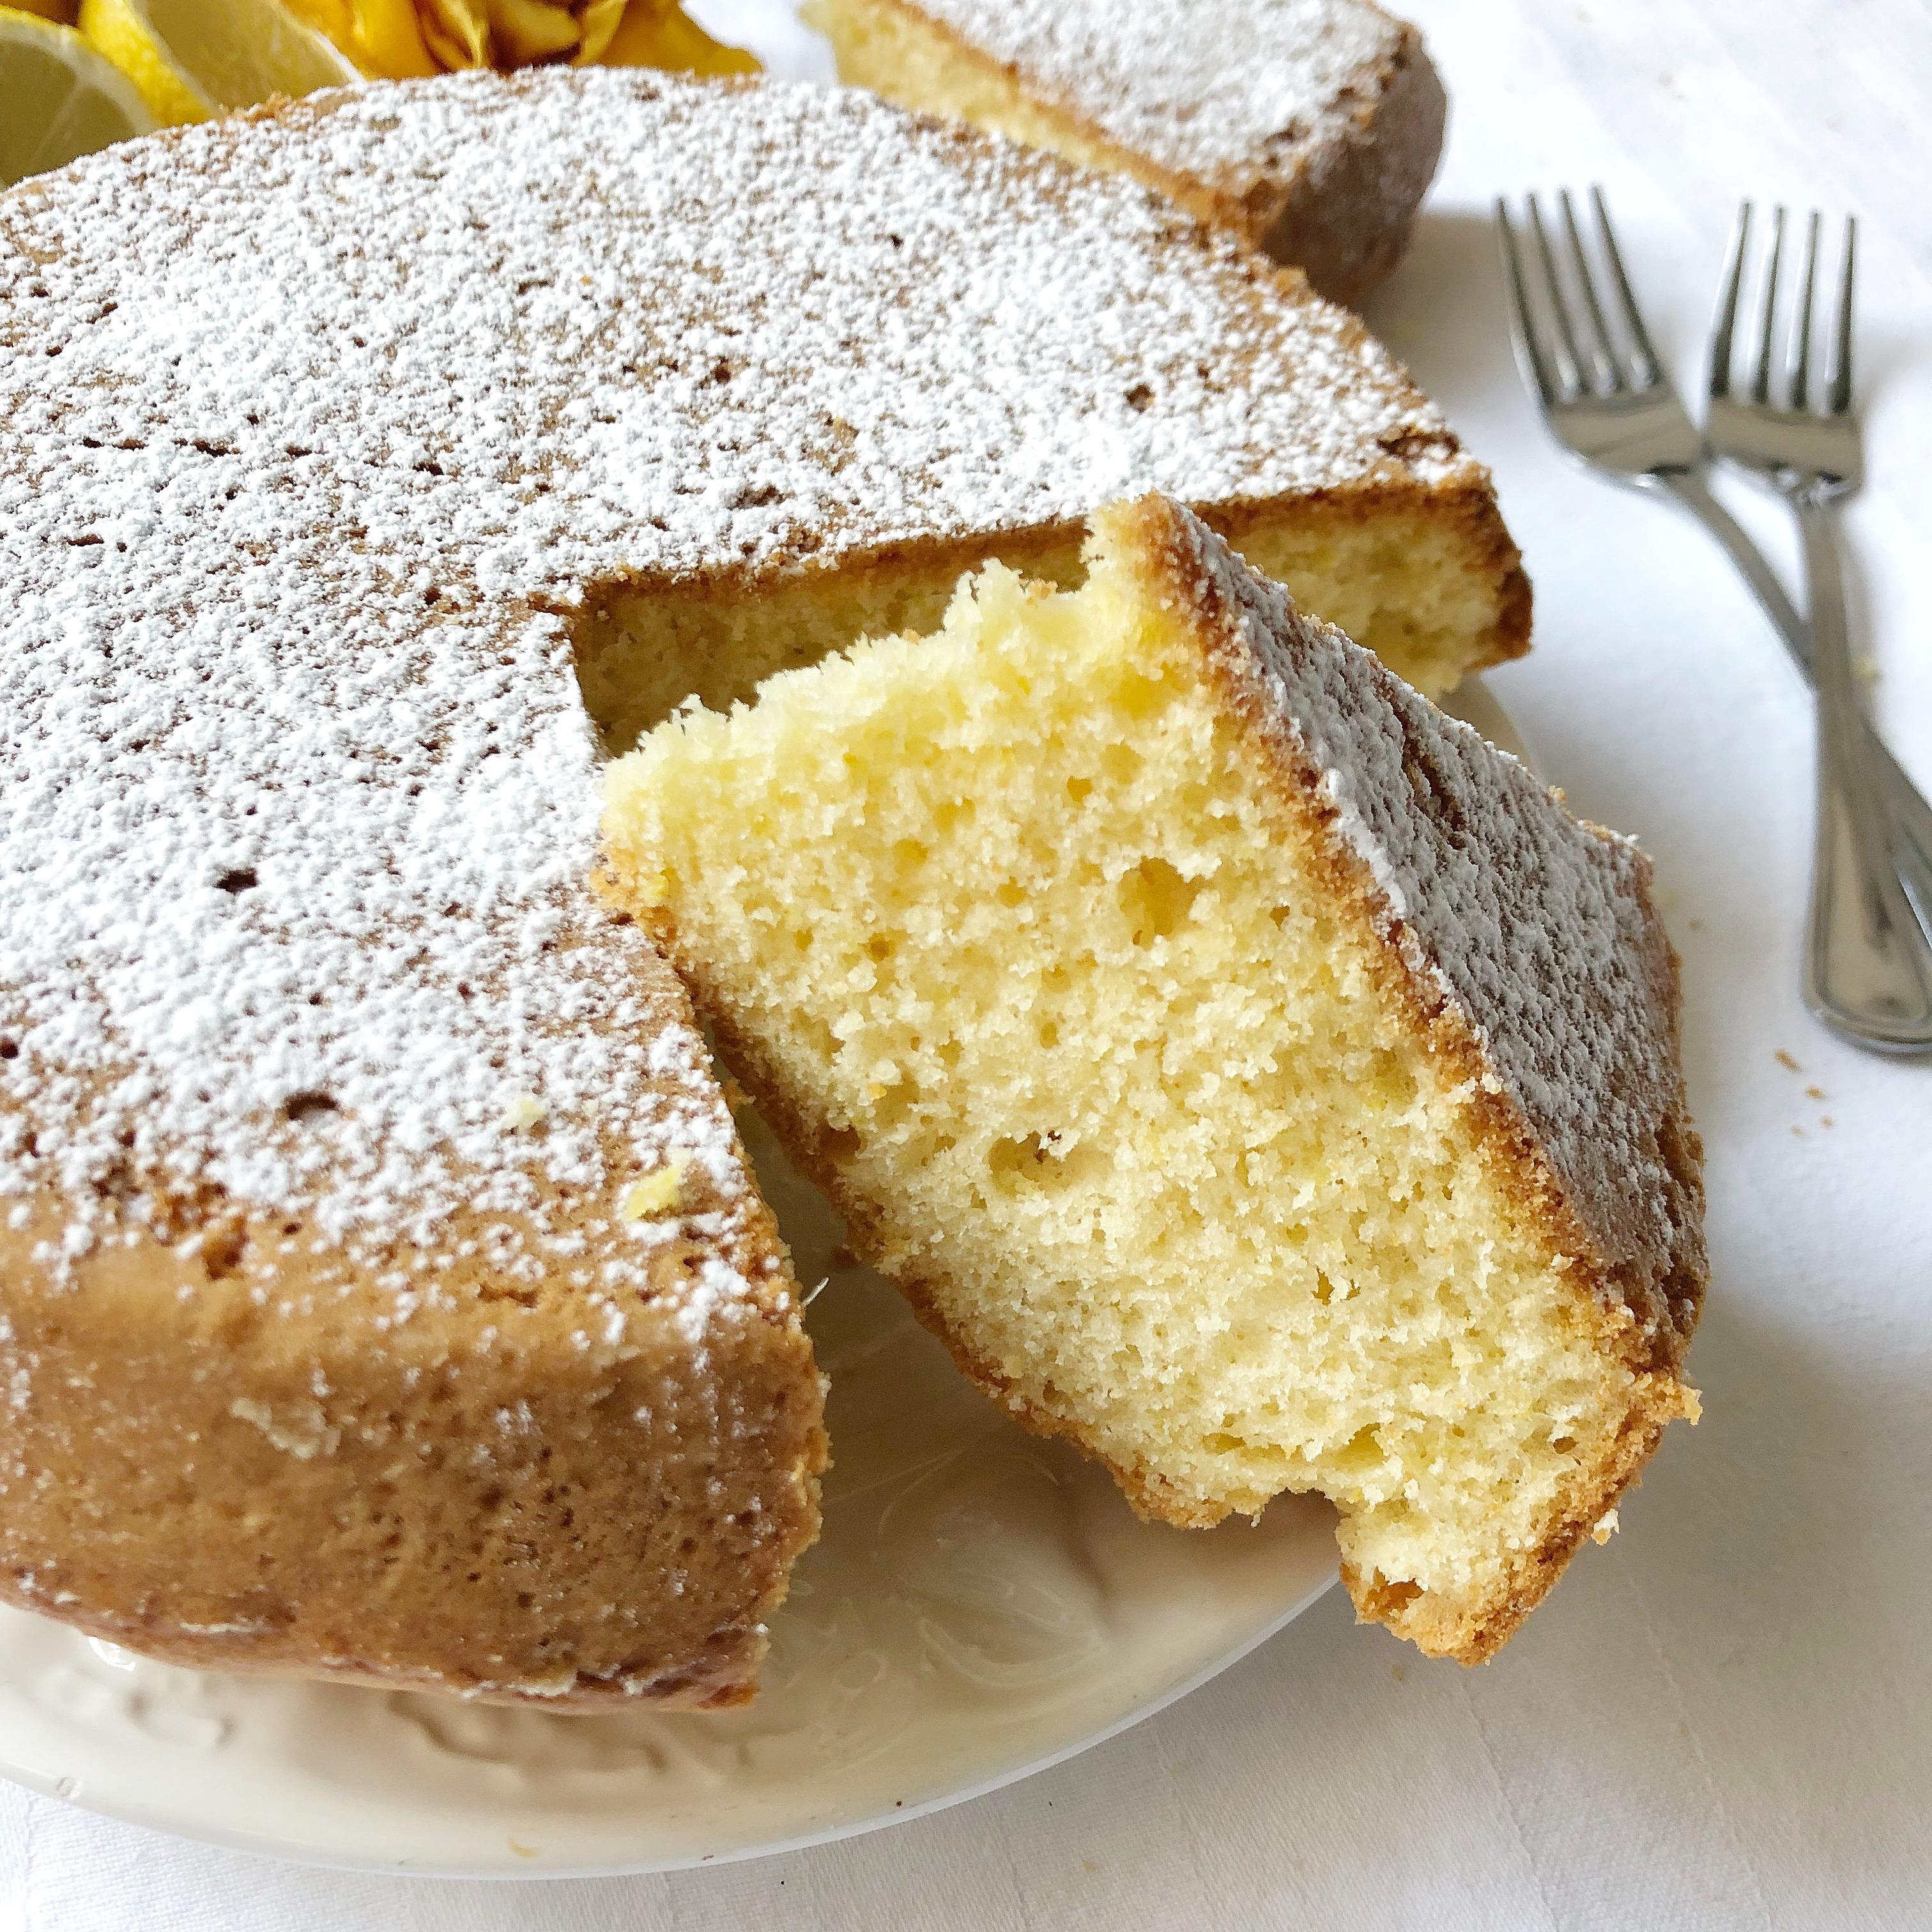 Torta al Limone con Stevia, una torta al limone senza zucchero e burro adatta a tutti!